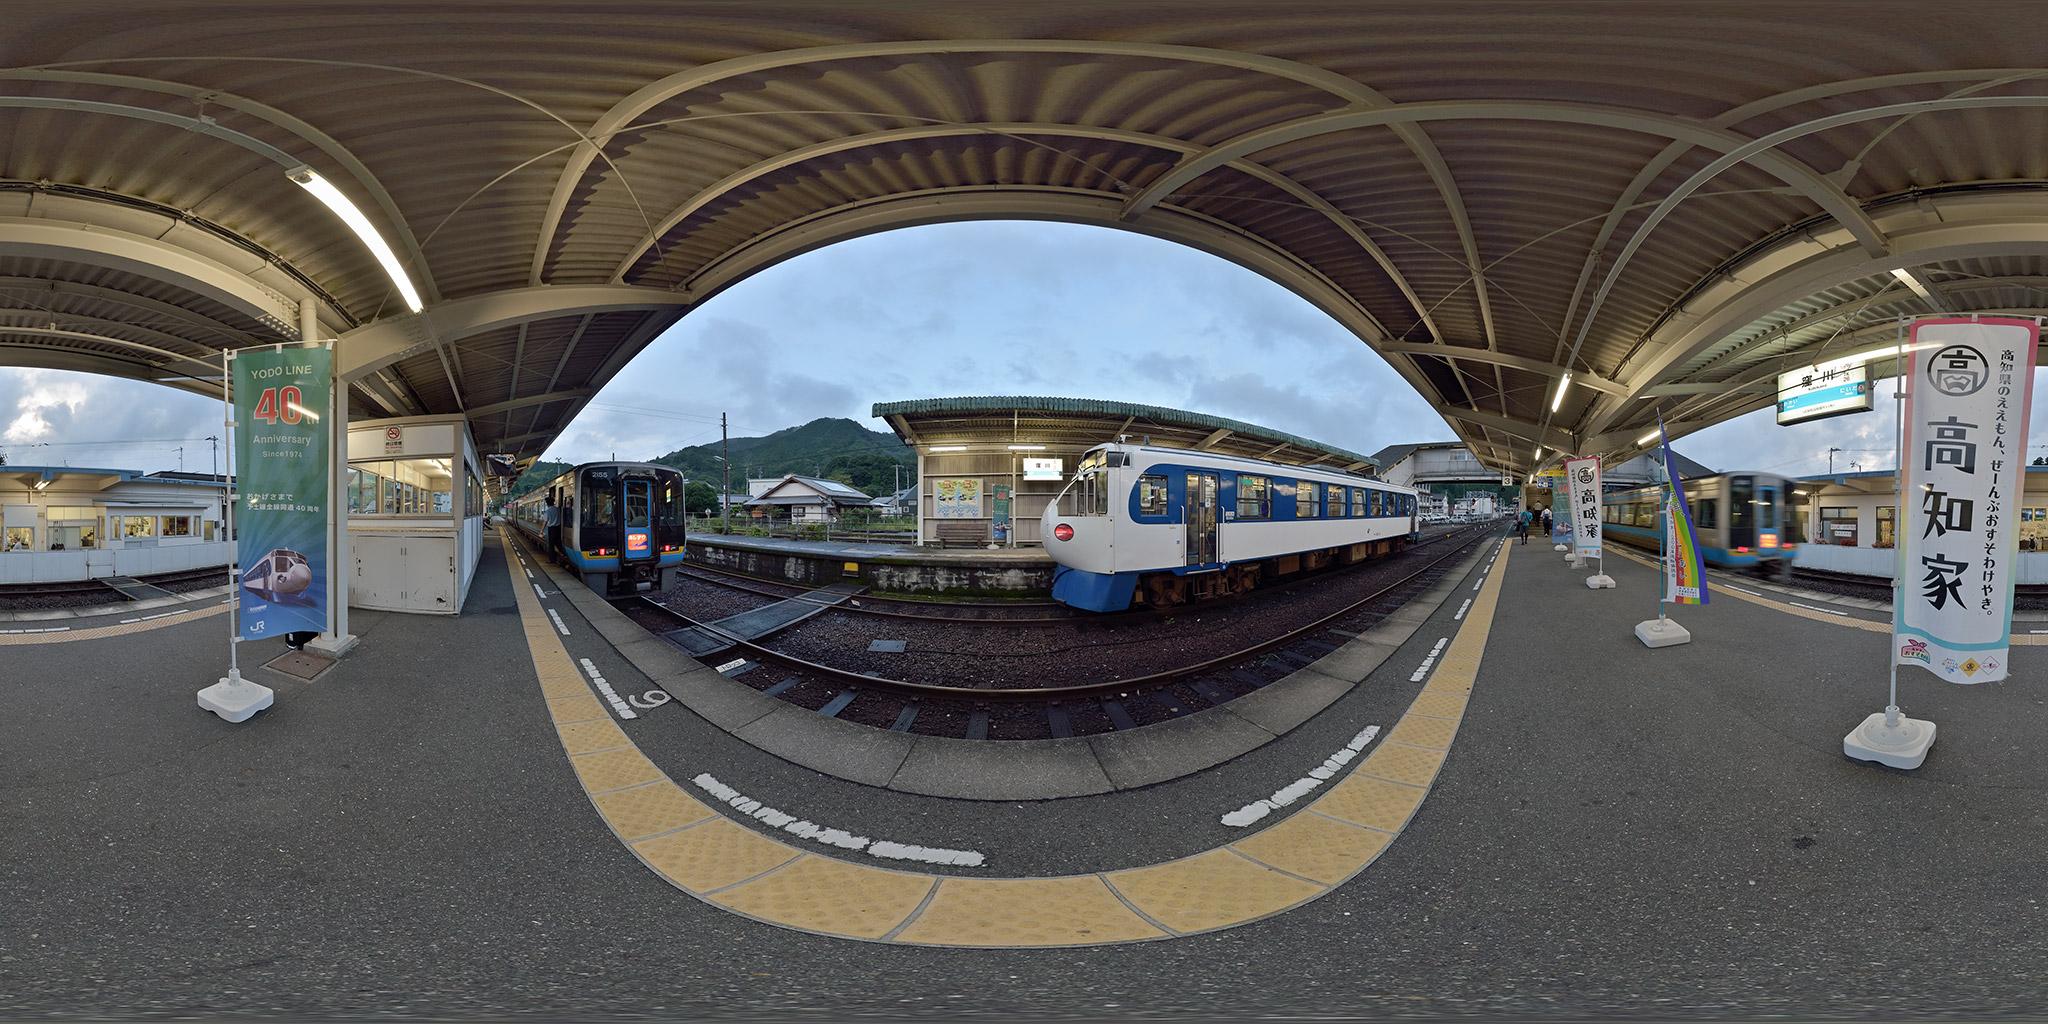 窪川駅で特急列車と並ぶ鉄道ホビートレイン(キハ32 3)